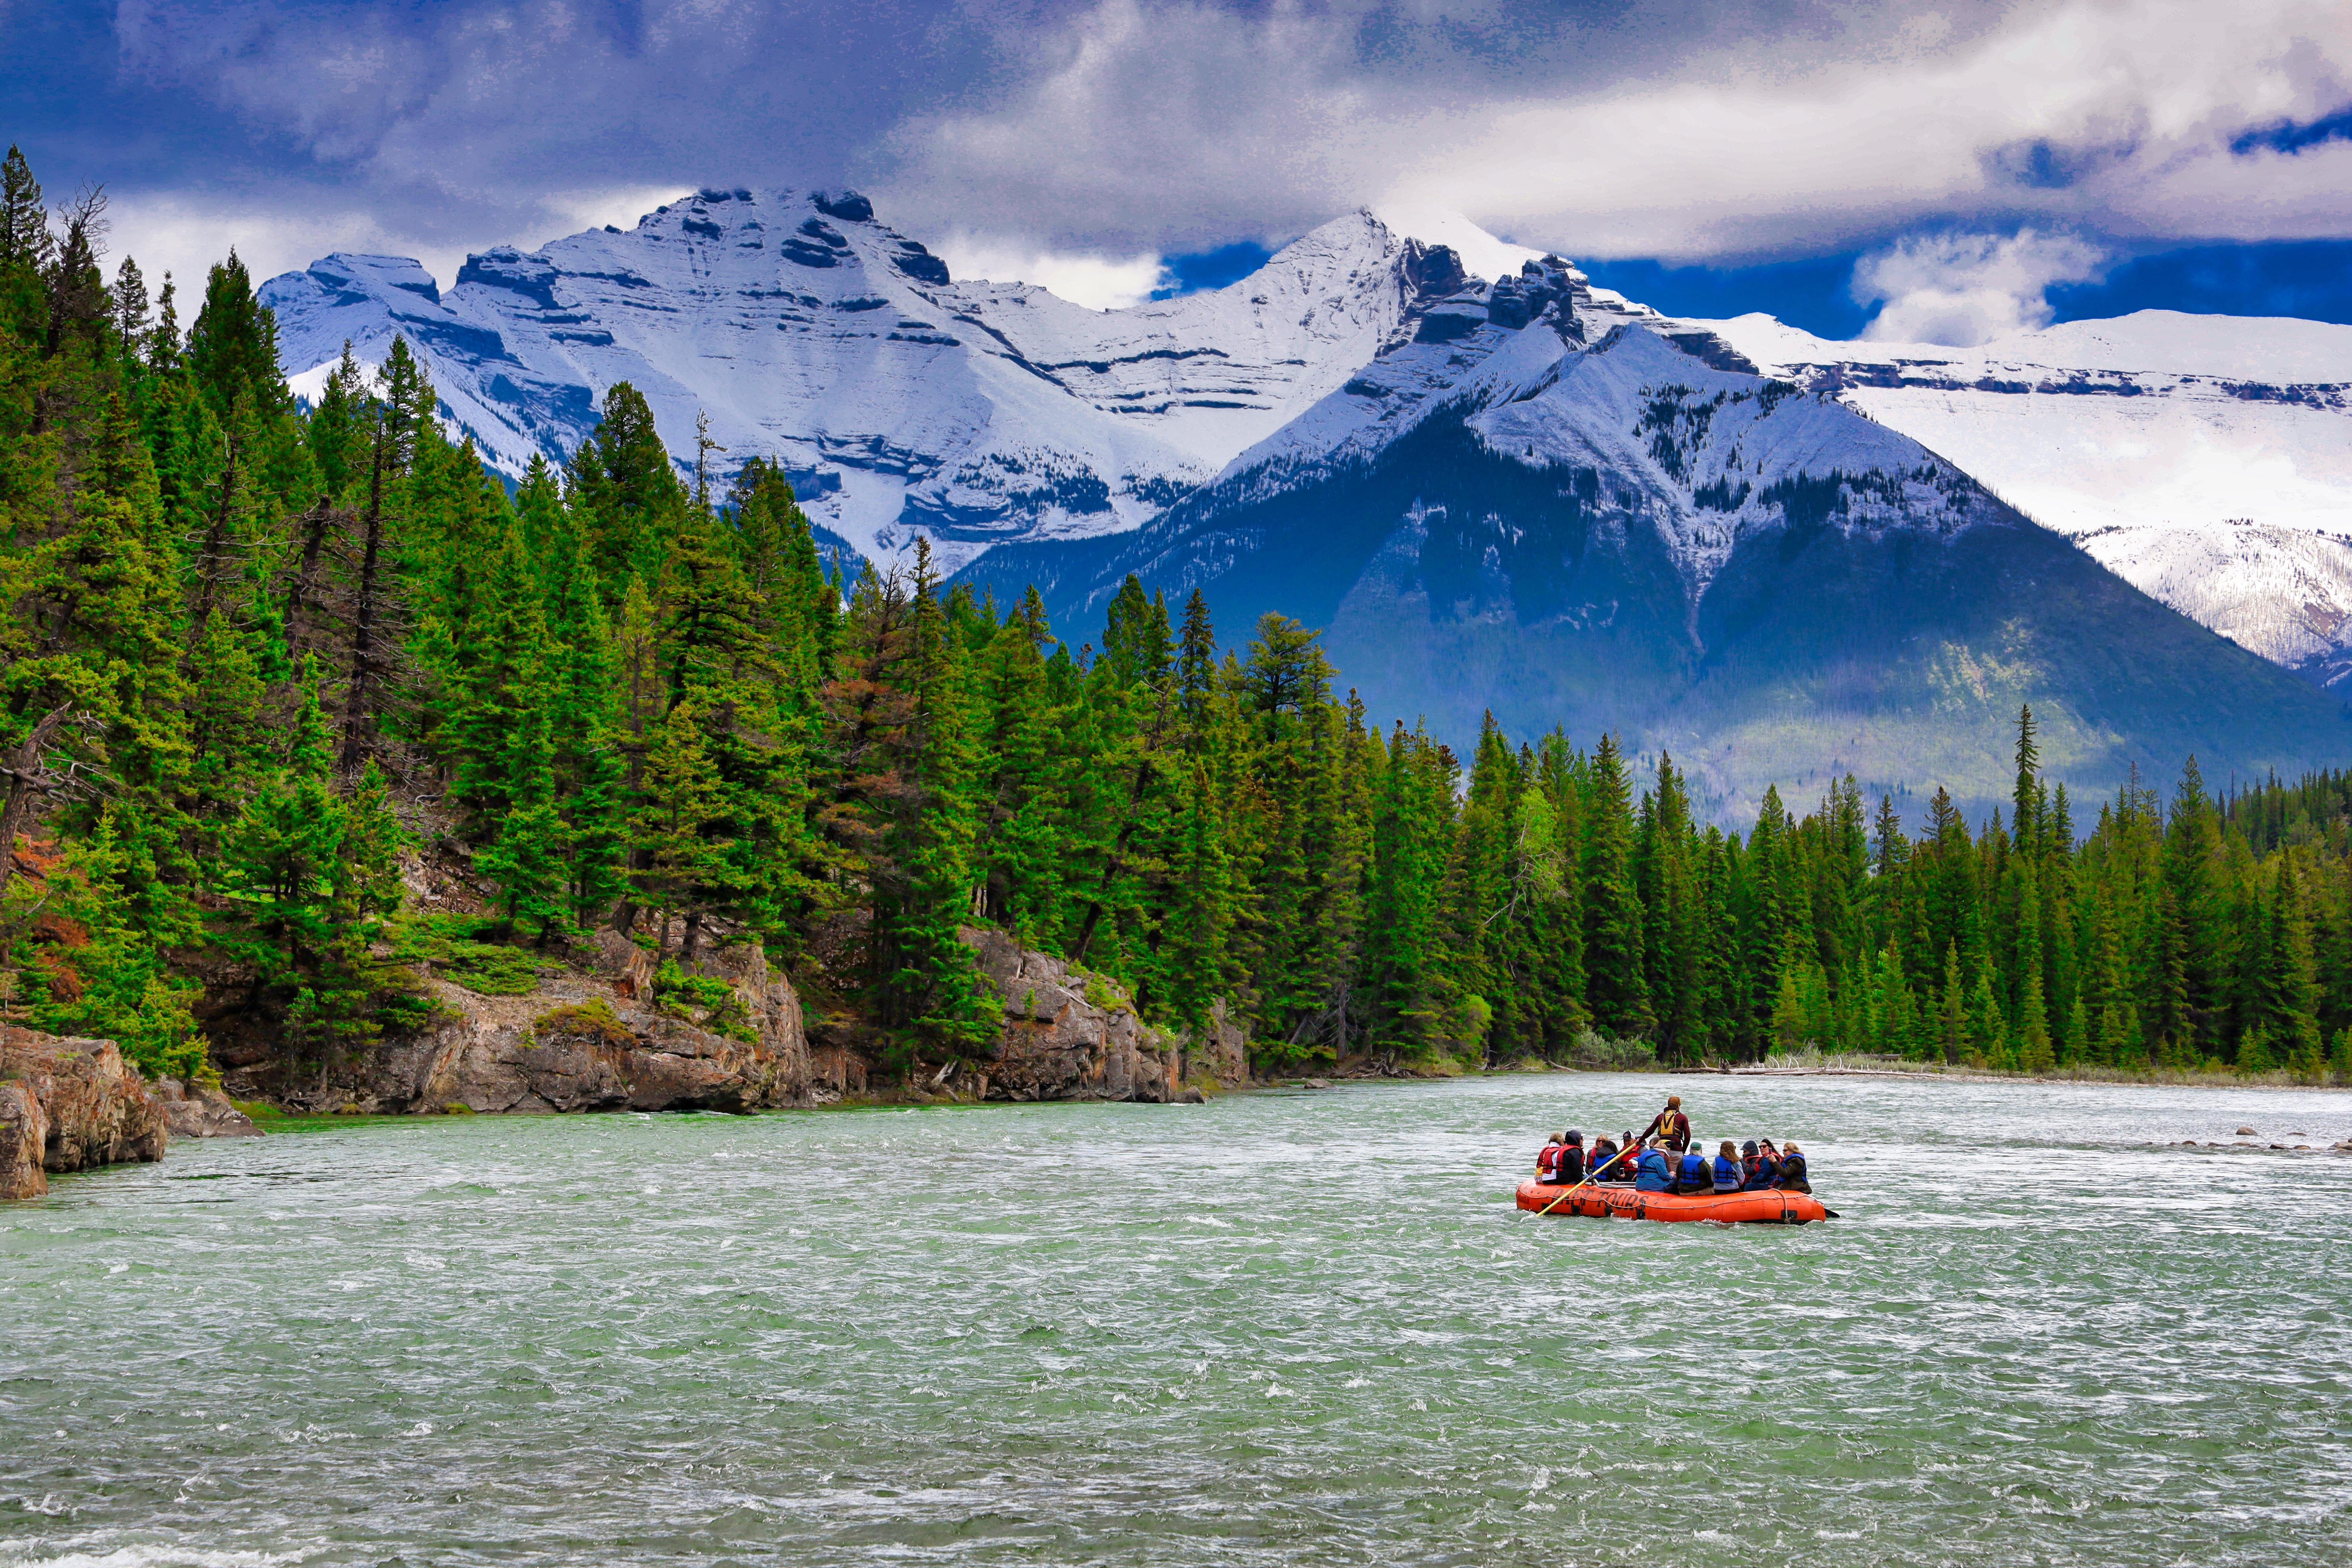 Photo of Bow River, Banff, Alberta, Canada. © 2019, Steven Sande